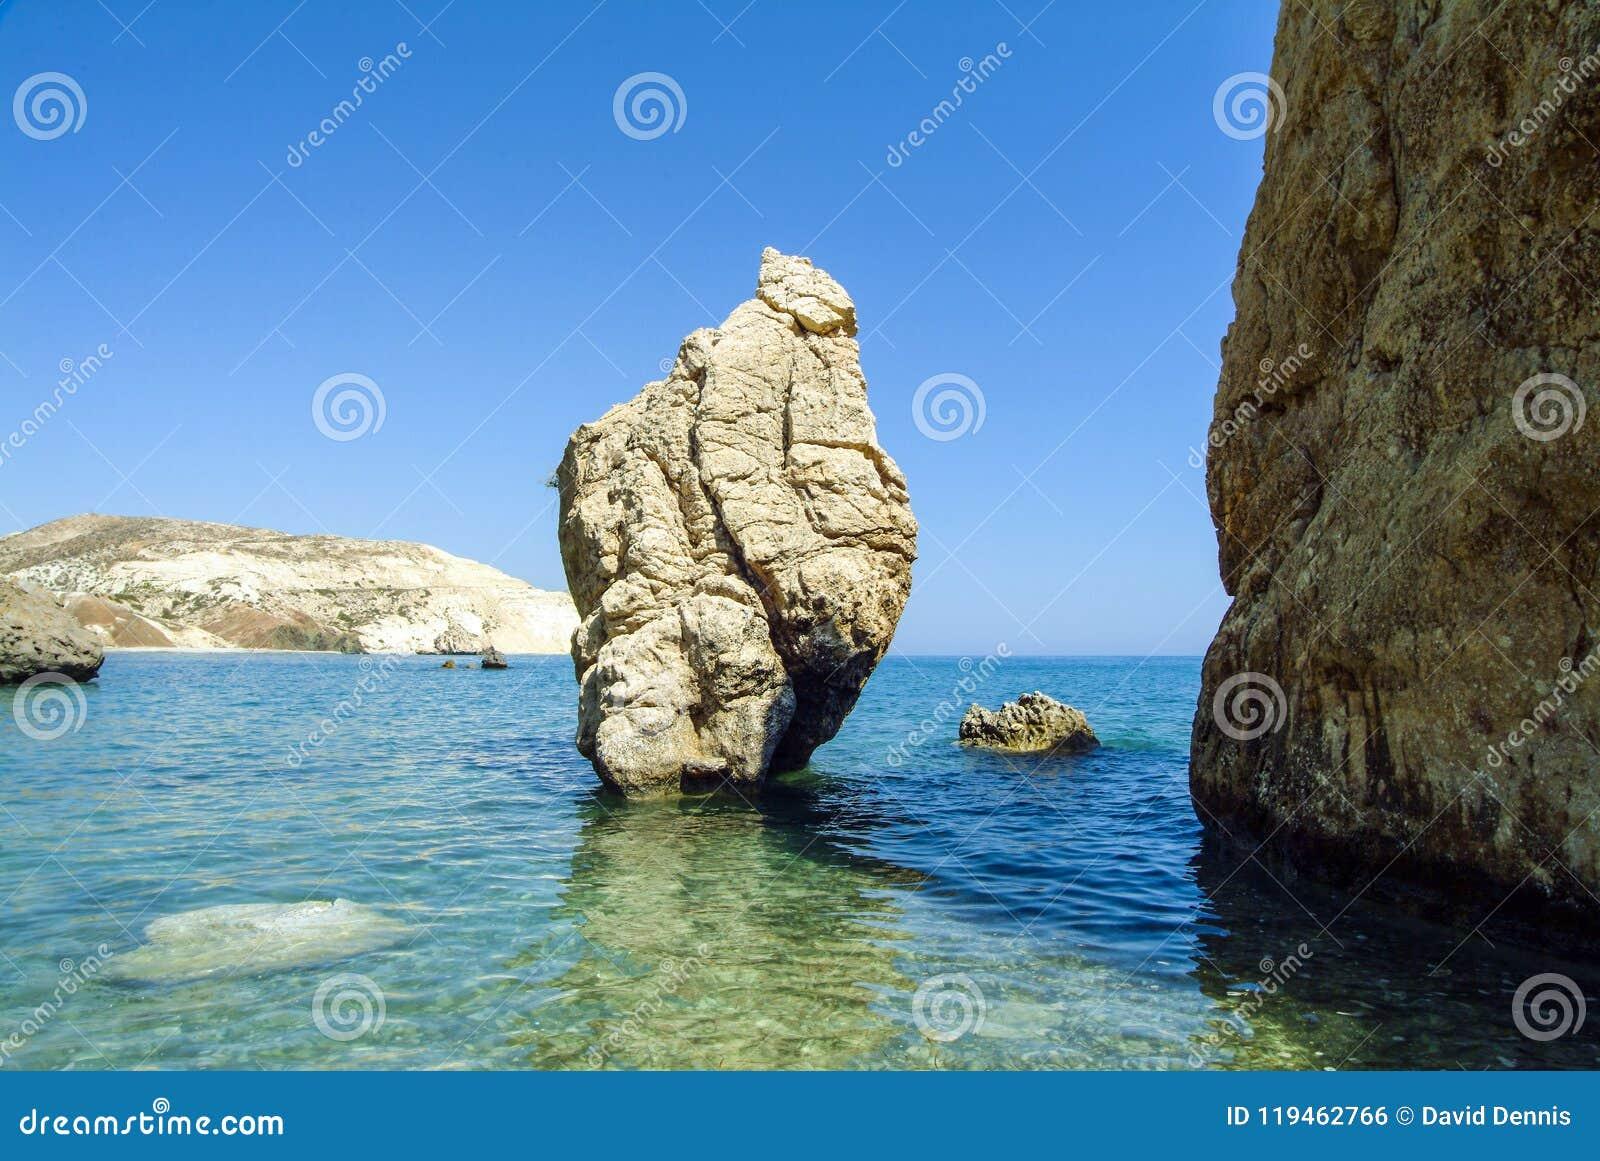 Las rocas del Aphrodite en la costa meridional de Chipre